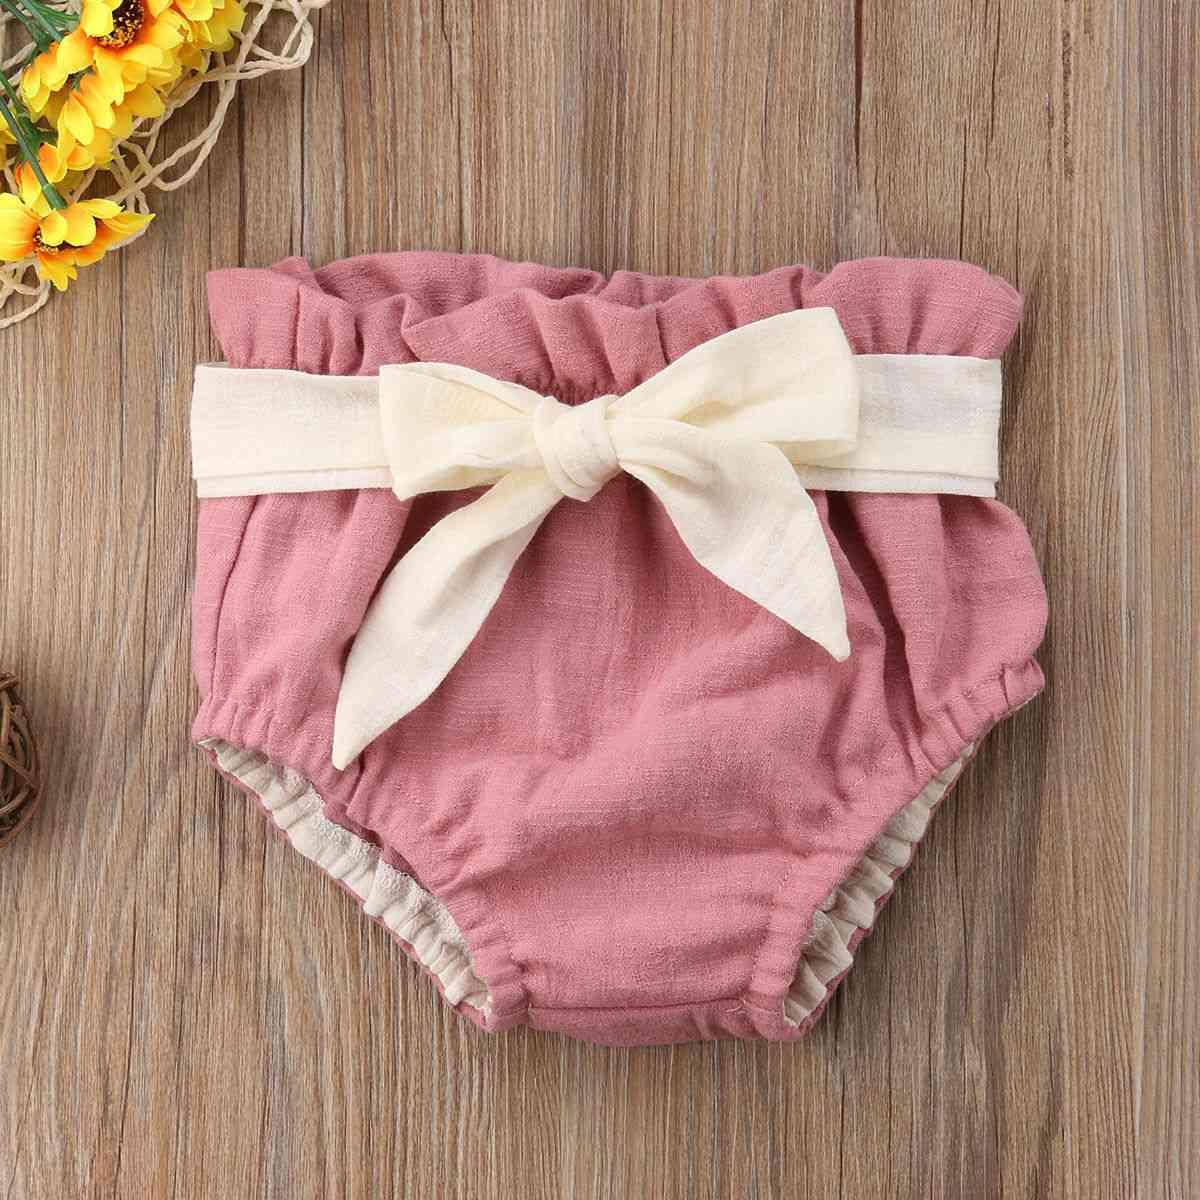 Clothes Cotton Infant  Shorts Pants